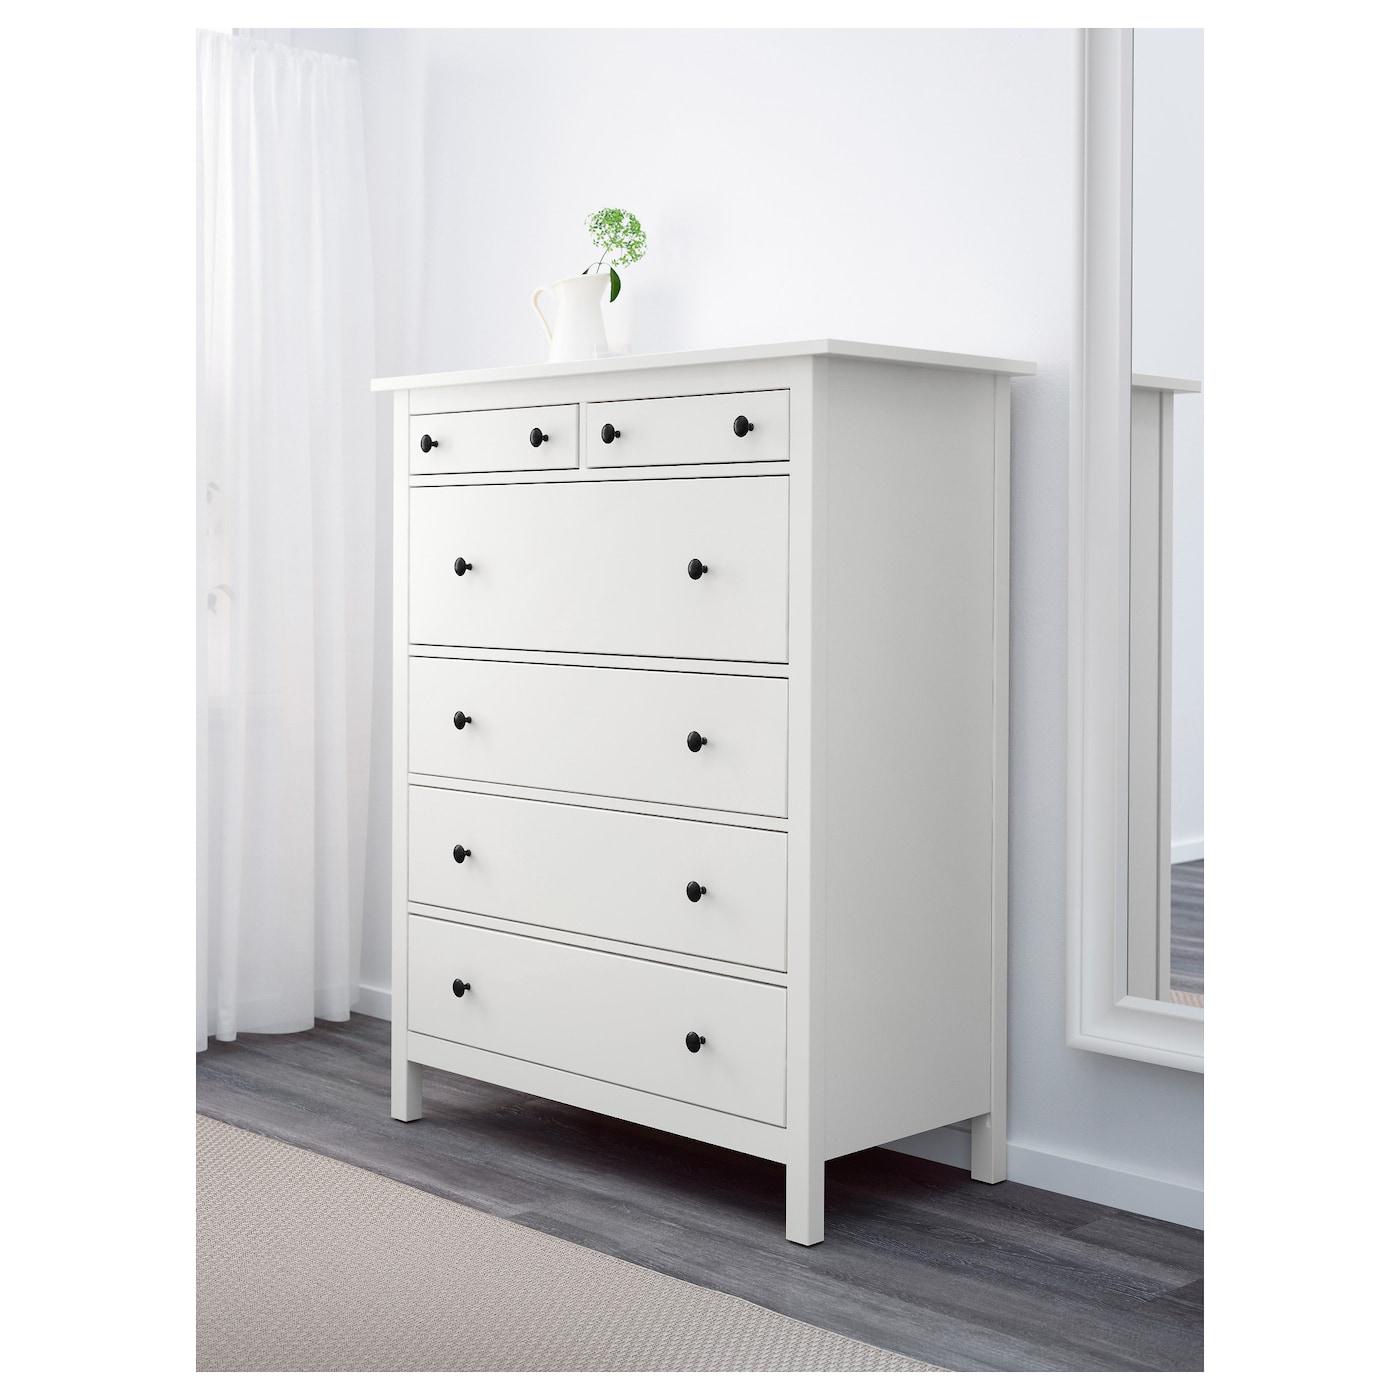 Hemnes c moda de 6 cajones blanco 108 x 131 cm ikea - Comoda hemnes ikea ...